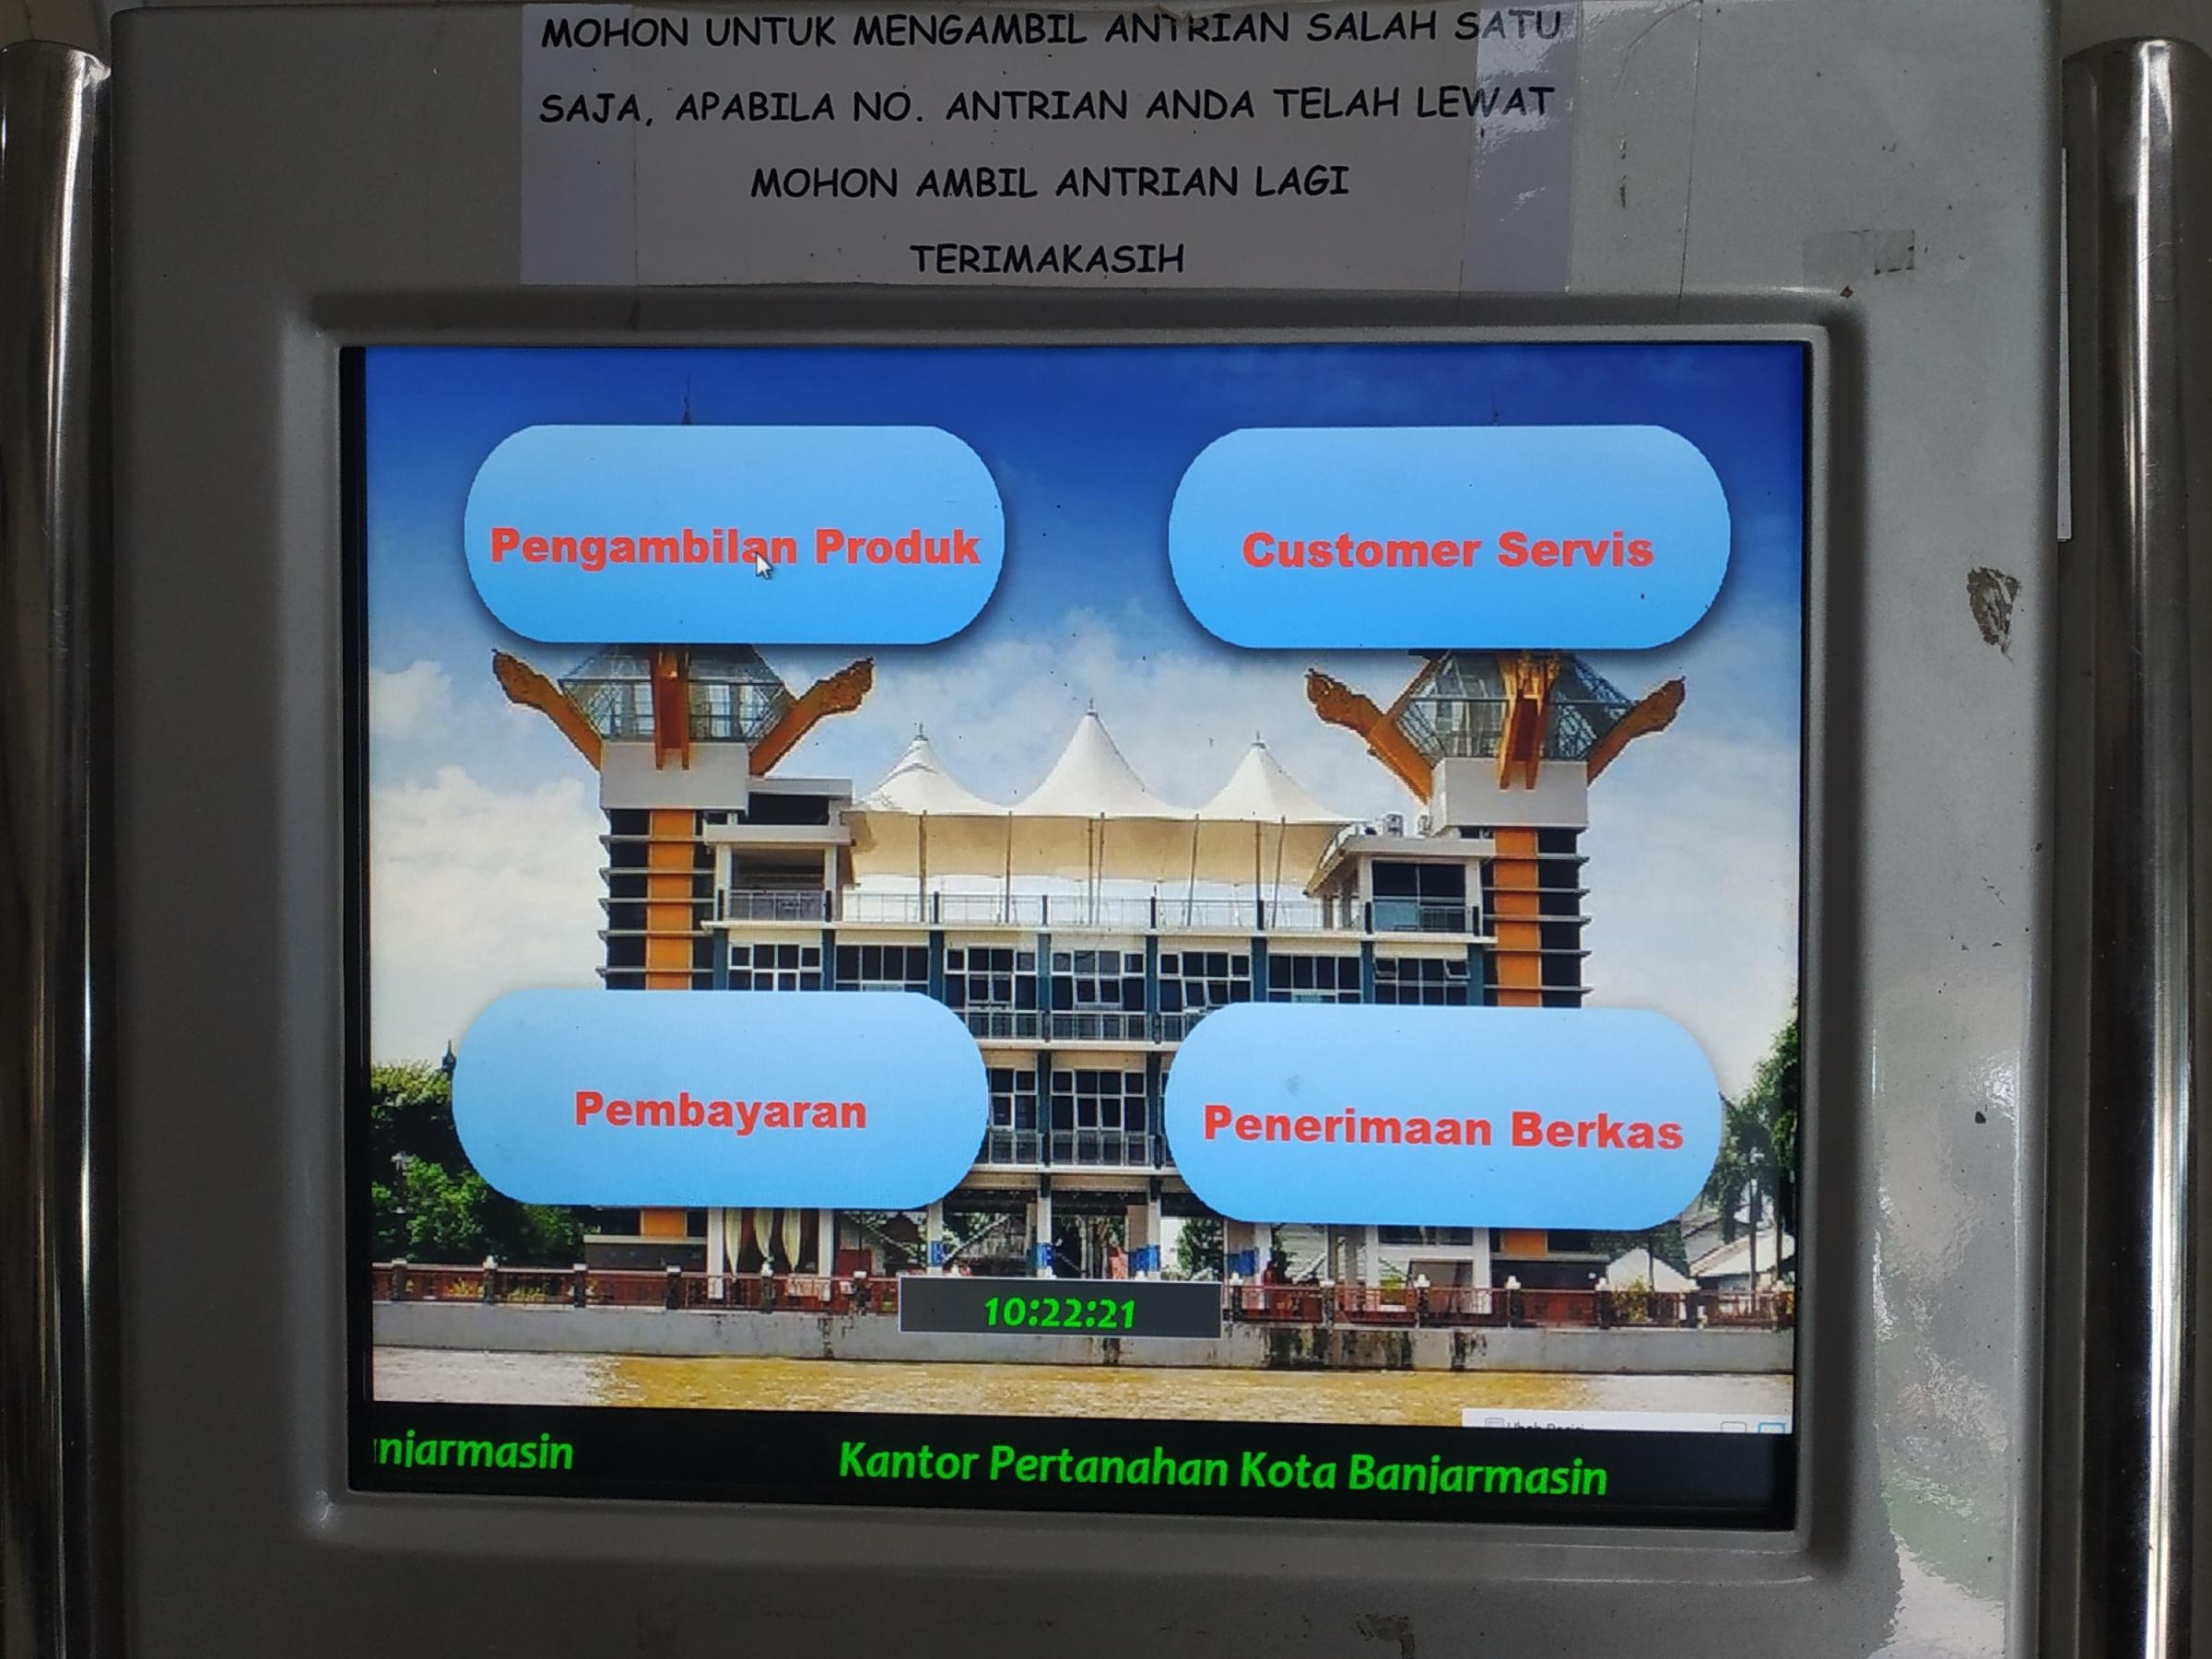 Badan-Pertanahan-Nasional-Kota-Banjarmasin-MesinAntreean.jpeg (2400×1800)